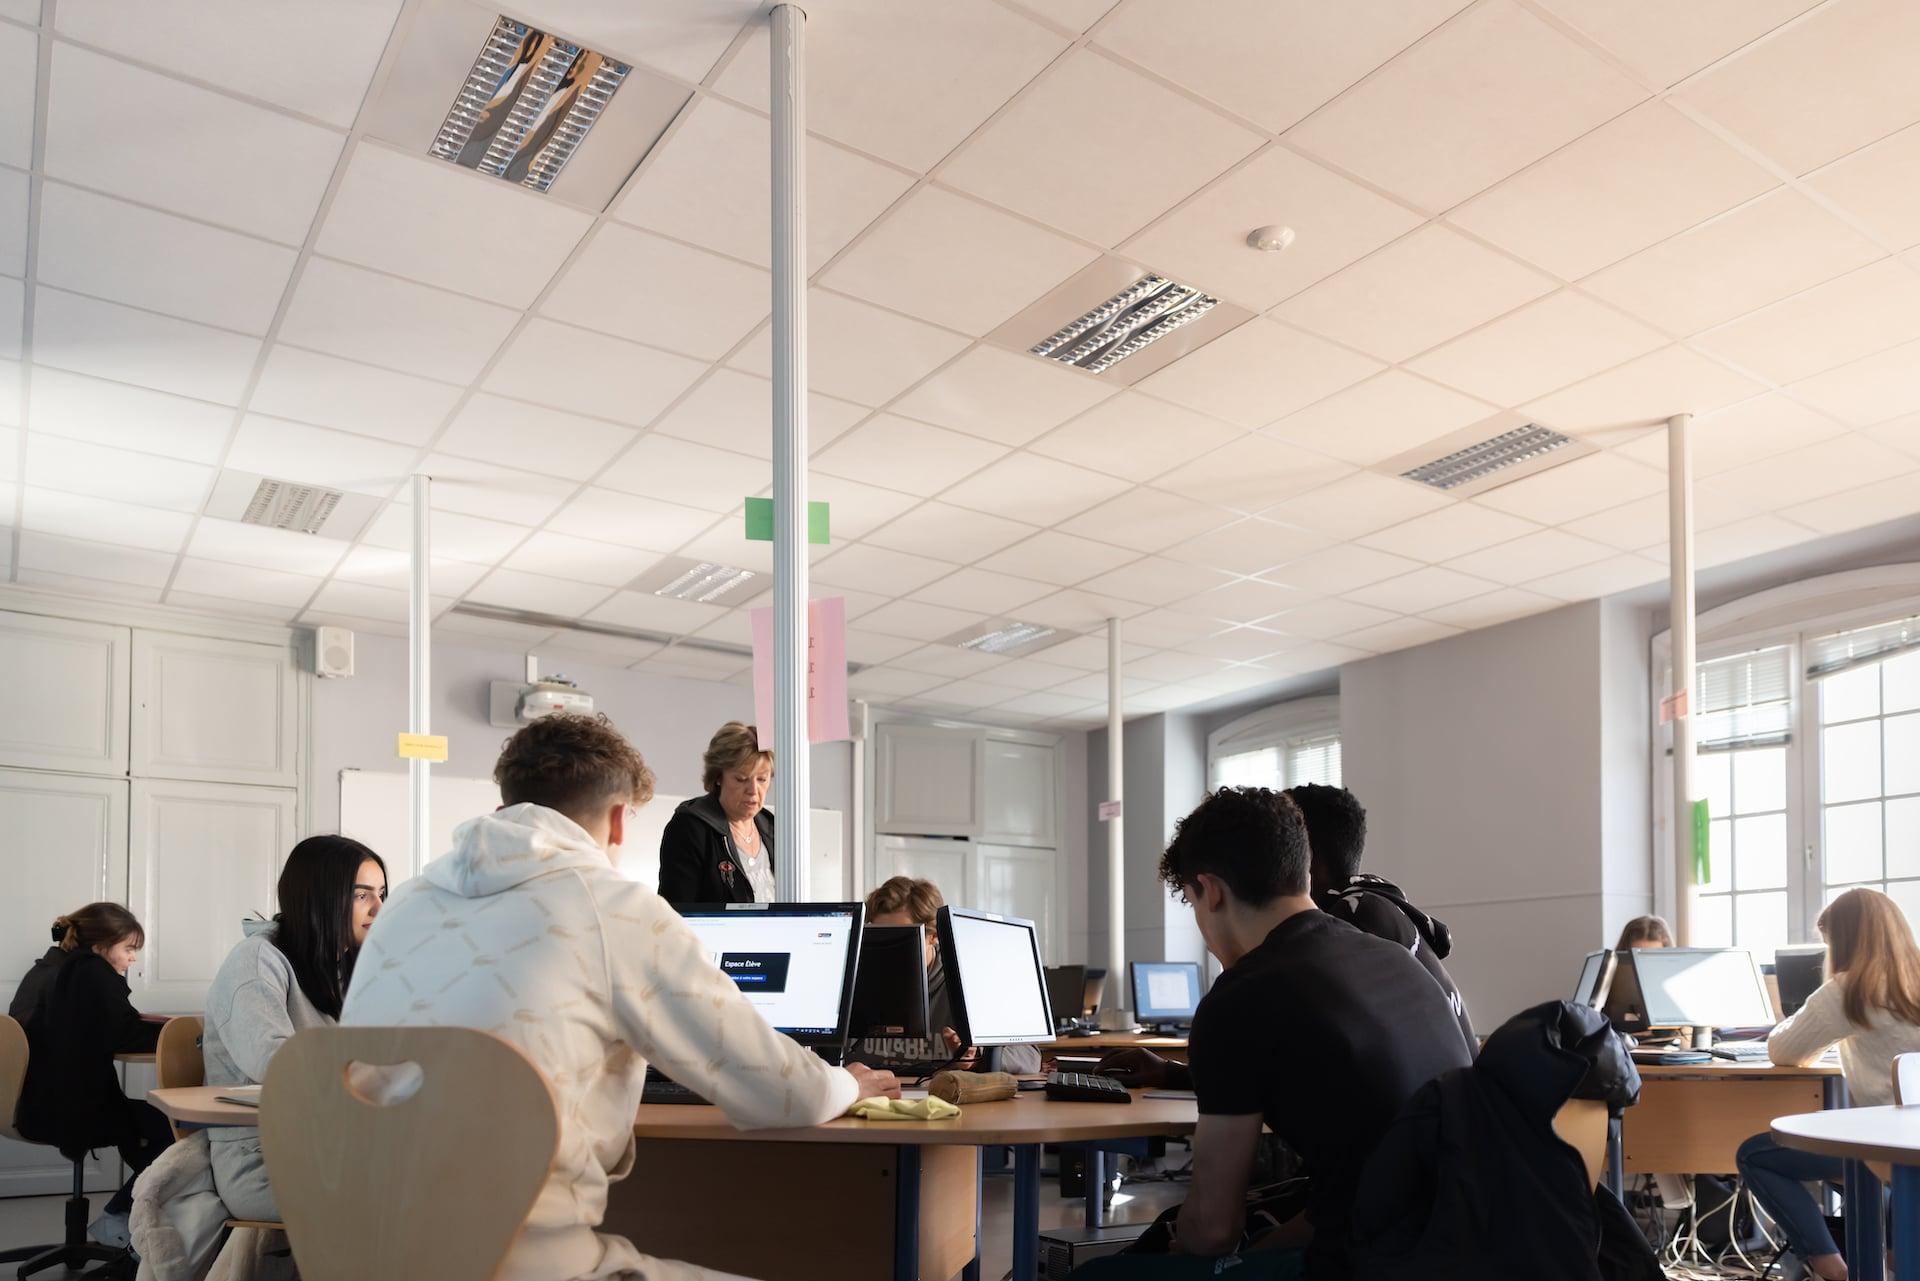 lycee-talensac-nantes-general-technologique-professionnel-enseignement-superieur-55